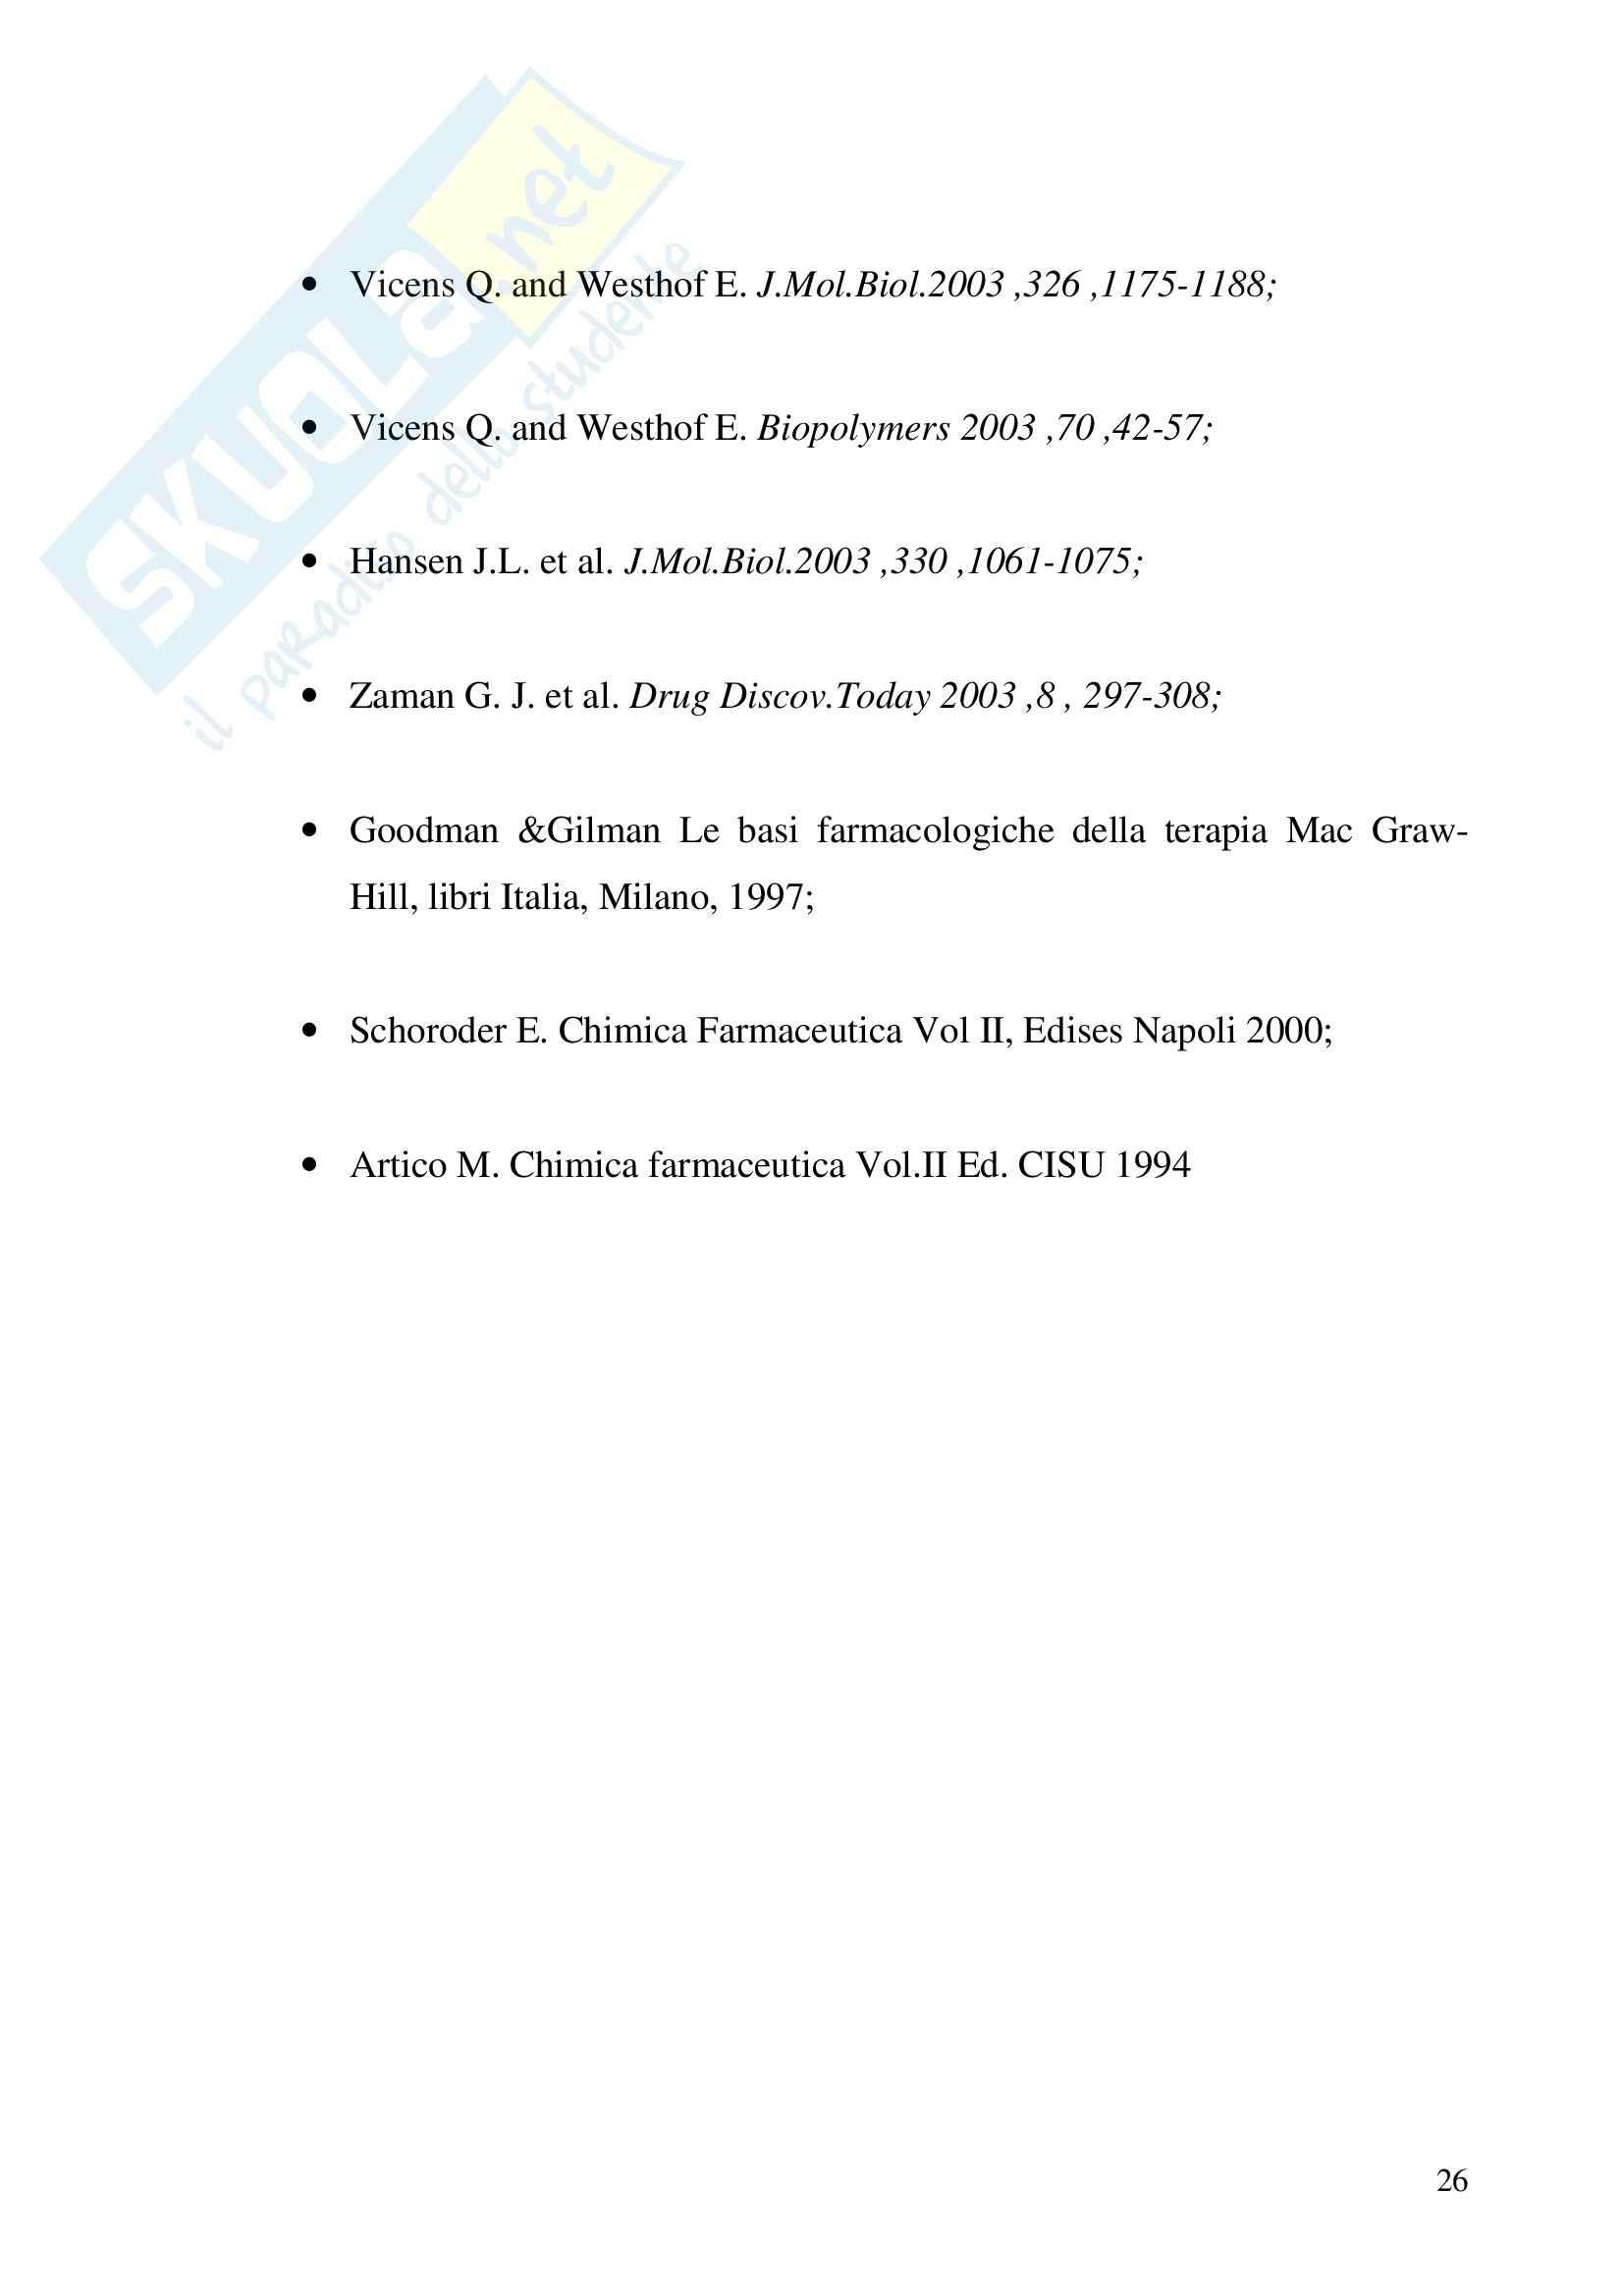 Farmacologia generale - aminoglicosidi Pag. 26